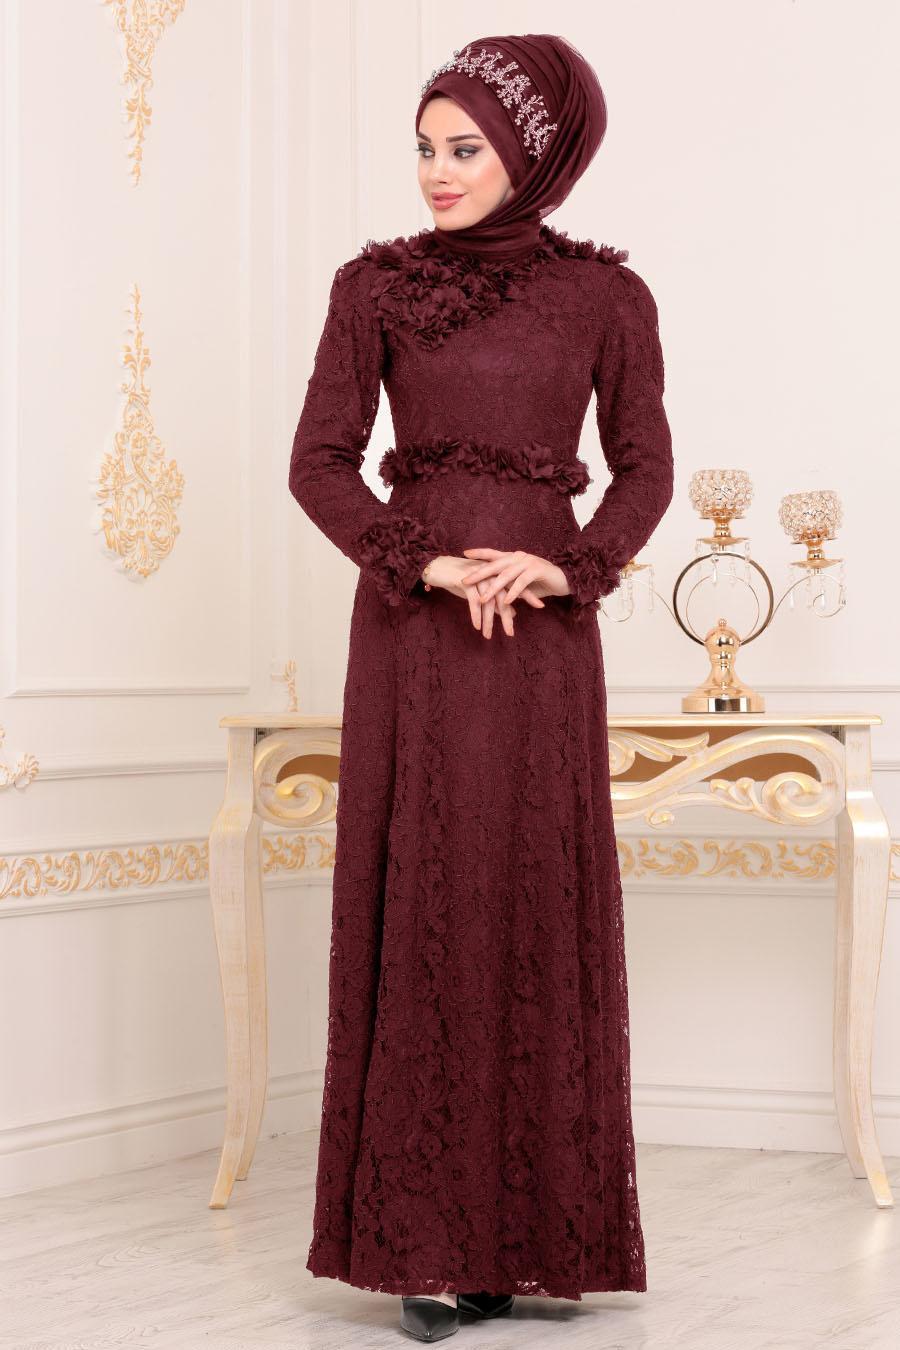 Tesettürlü Abiye Elbise - Üç Boyutlu Çiçek Detaylı Bordo Tesettür Abiye Elbise 190201BR